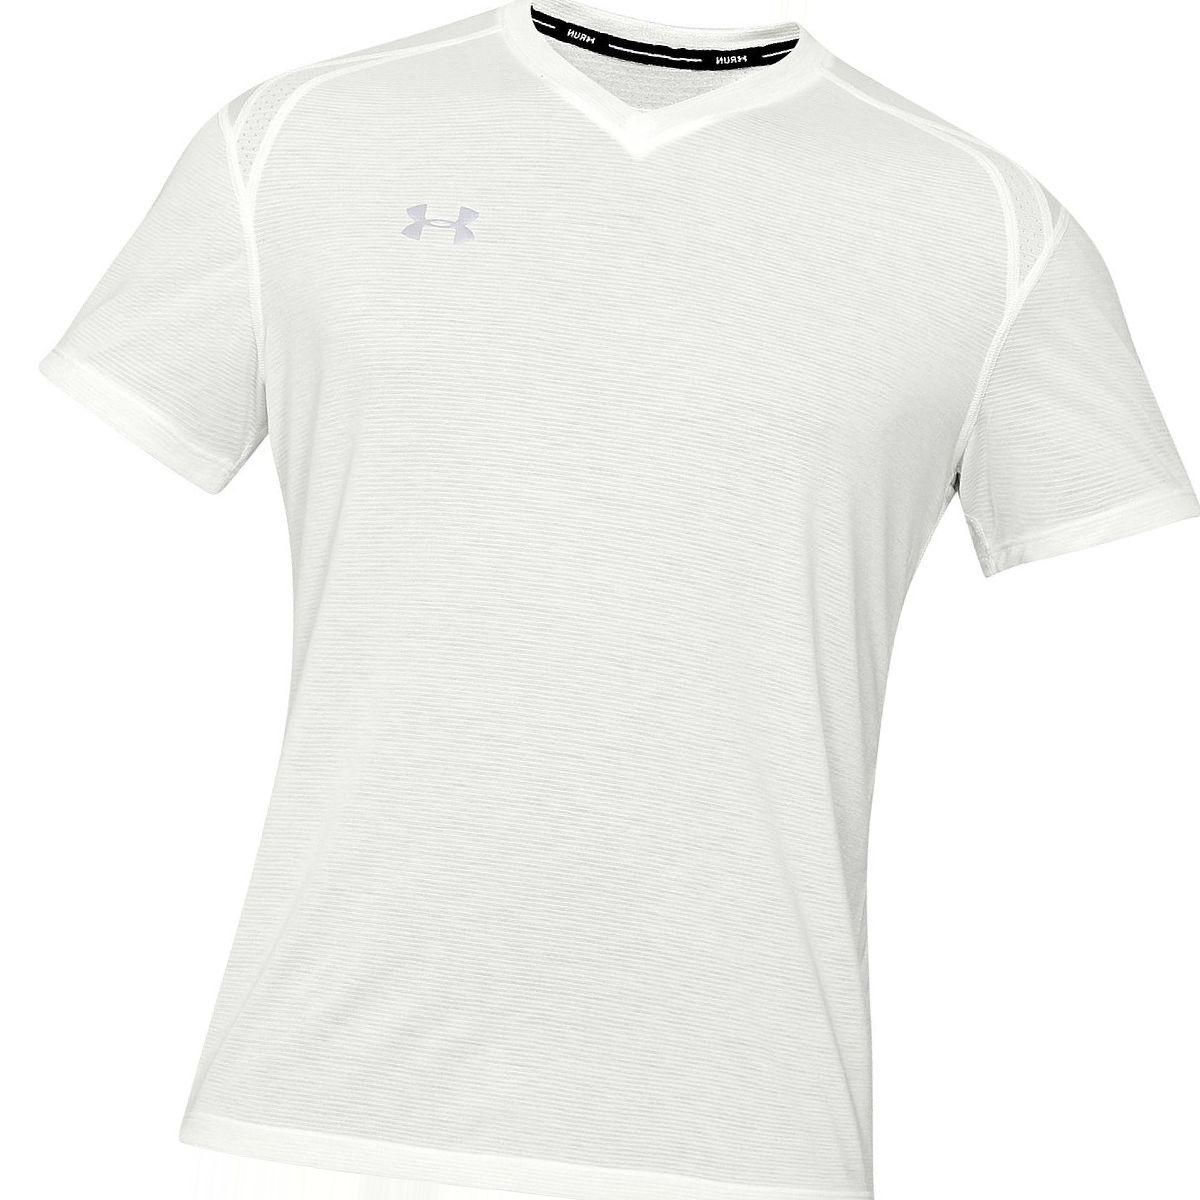 Under Armour Streaker 2.0 V-Neck Short-Sleeve Shirt - Men's